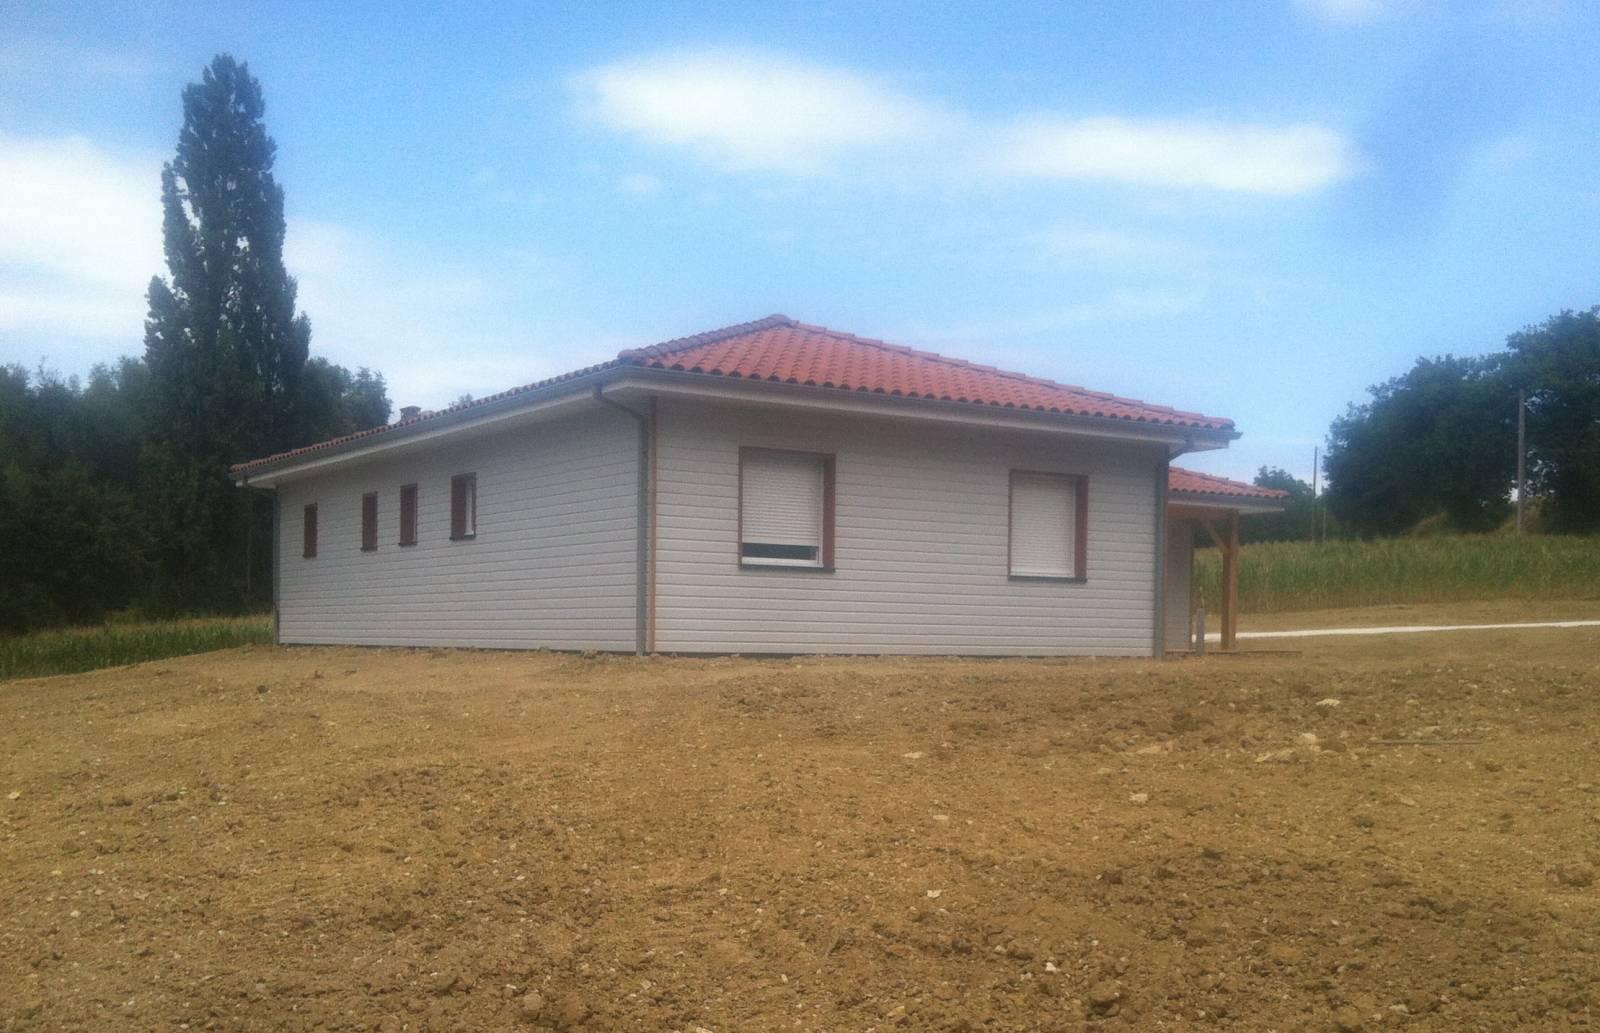 Maison construction bois r f 40 pr s de m zin dans le for Constructeur maison en bois tarn et garonne